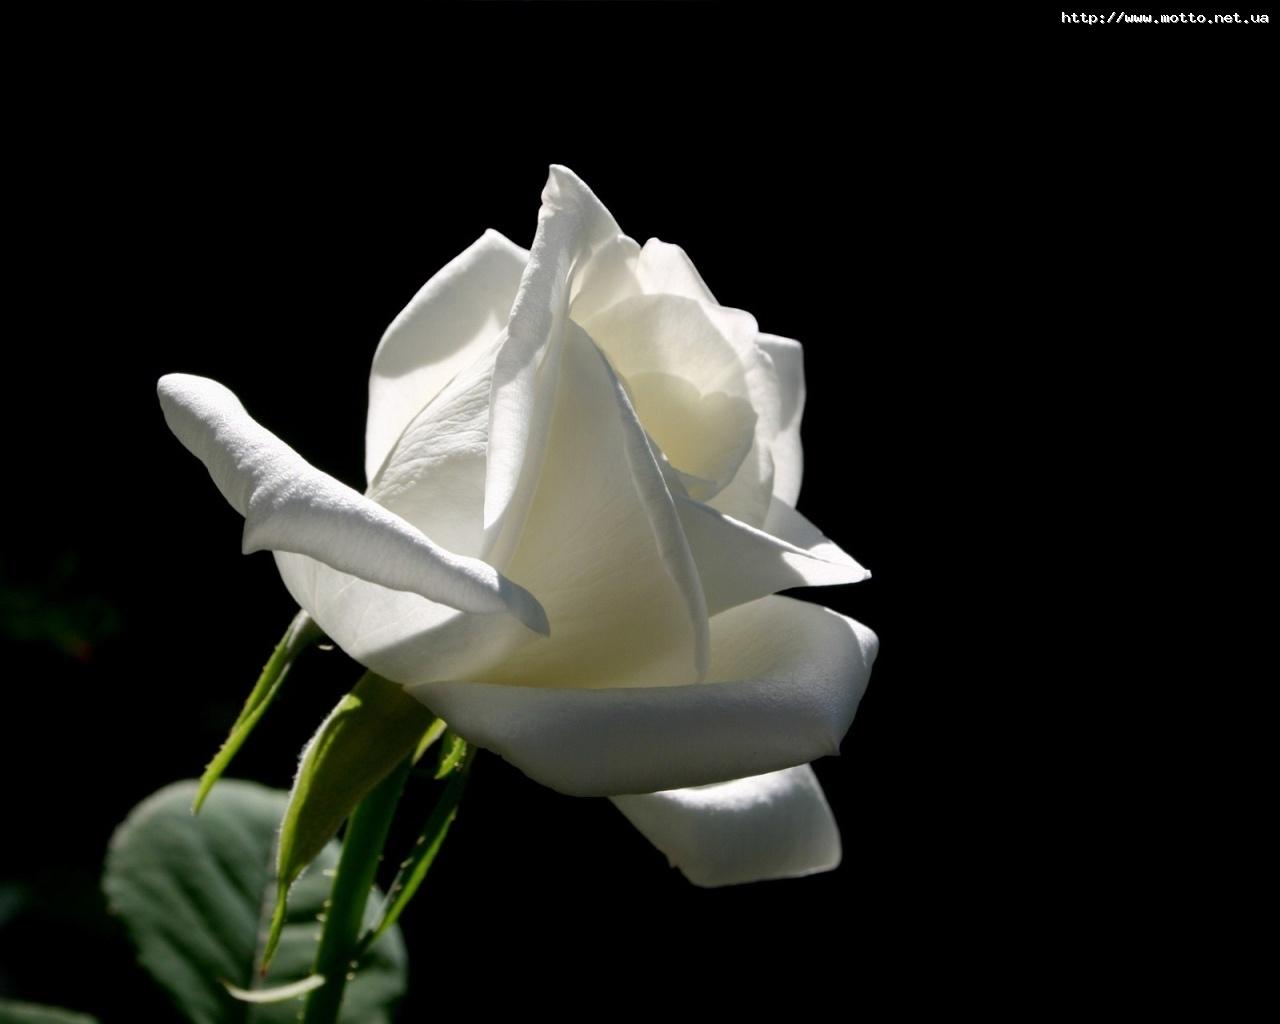 7111 скачать обои Растения, Цветы, Розы - заставки и картинки бесплатно